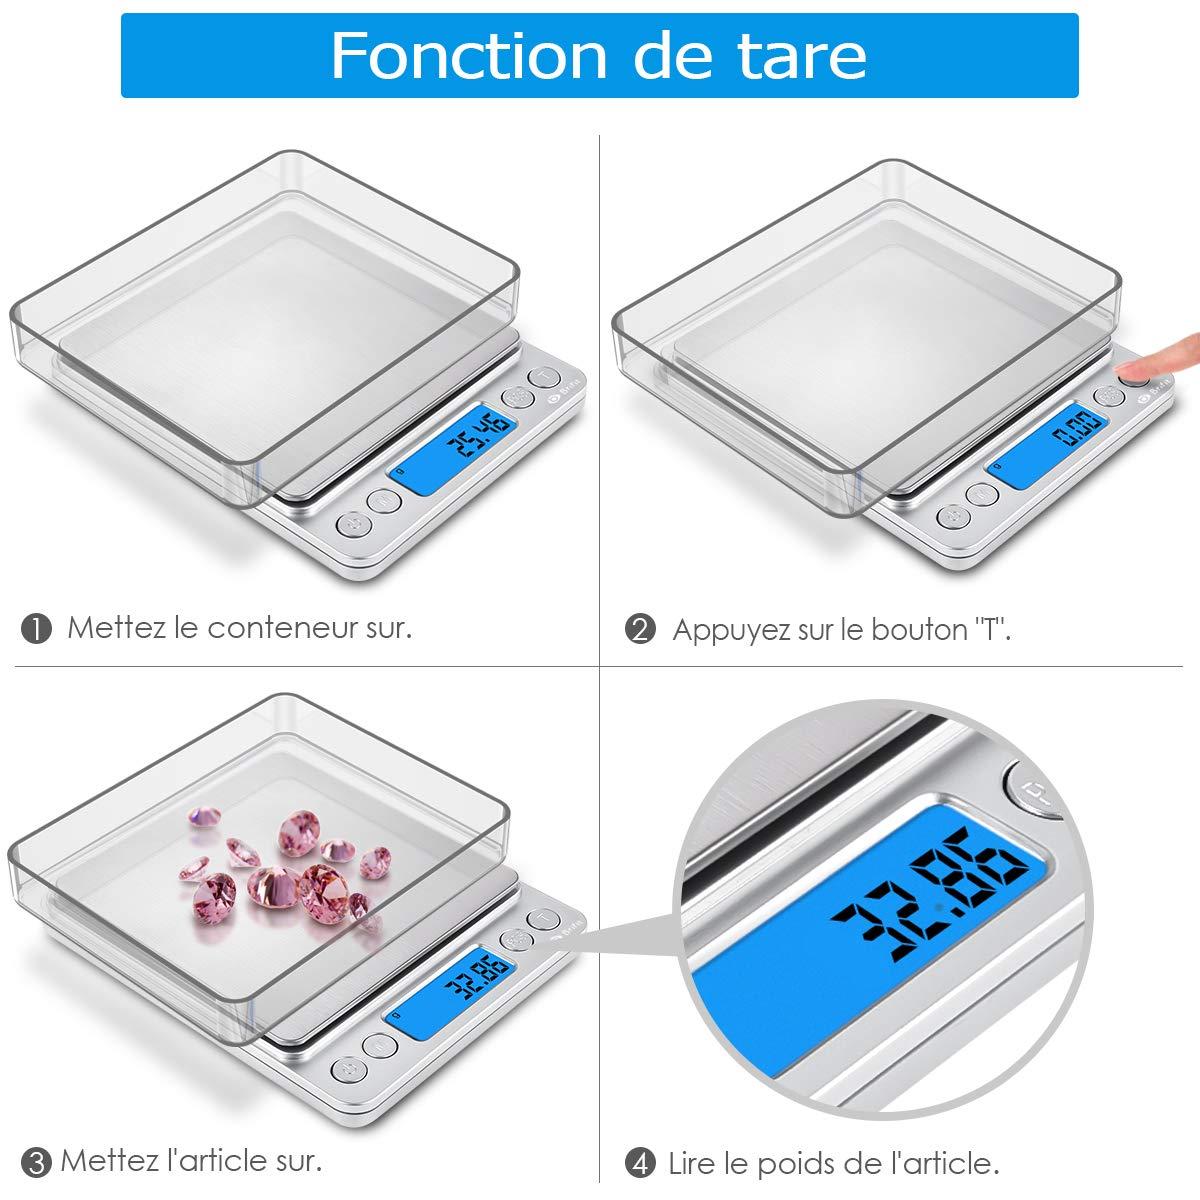 Amir fr-ka8 pantalla LCD retroiluminada joyería Escala de Precisión de Bolsillo báscula, 500 g/0.01g, función + función de tara, 2 paletas (acero ...